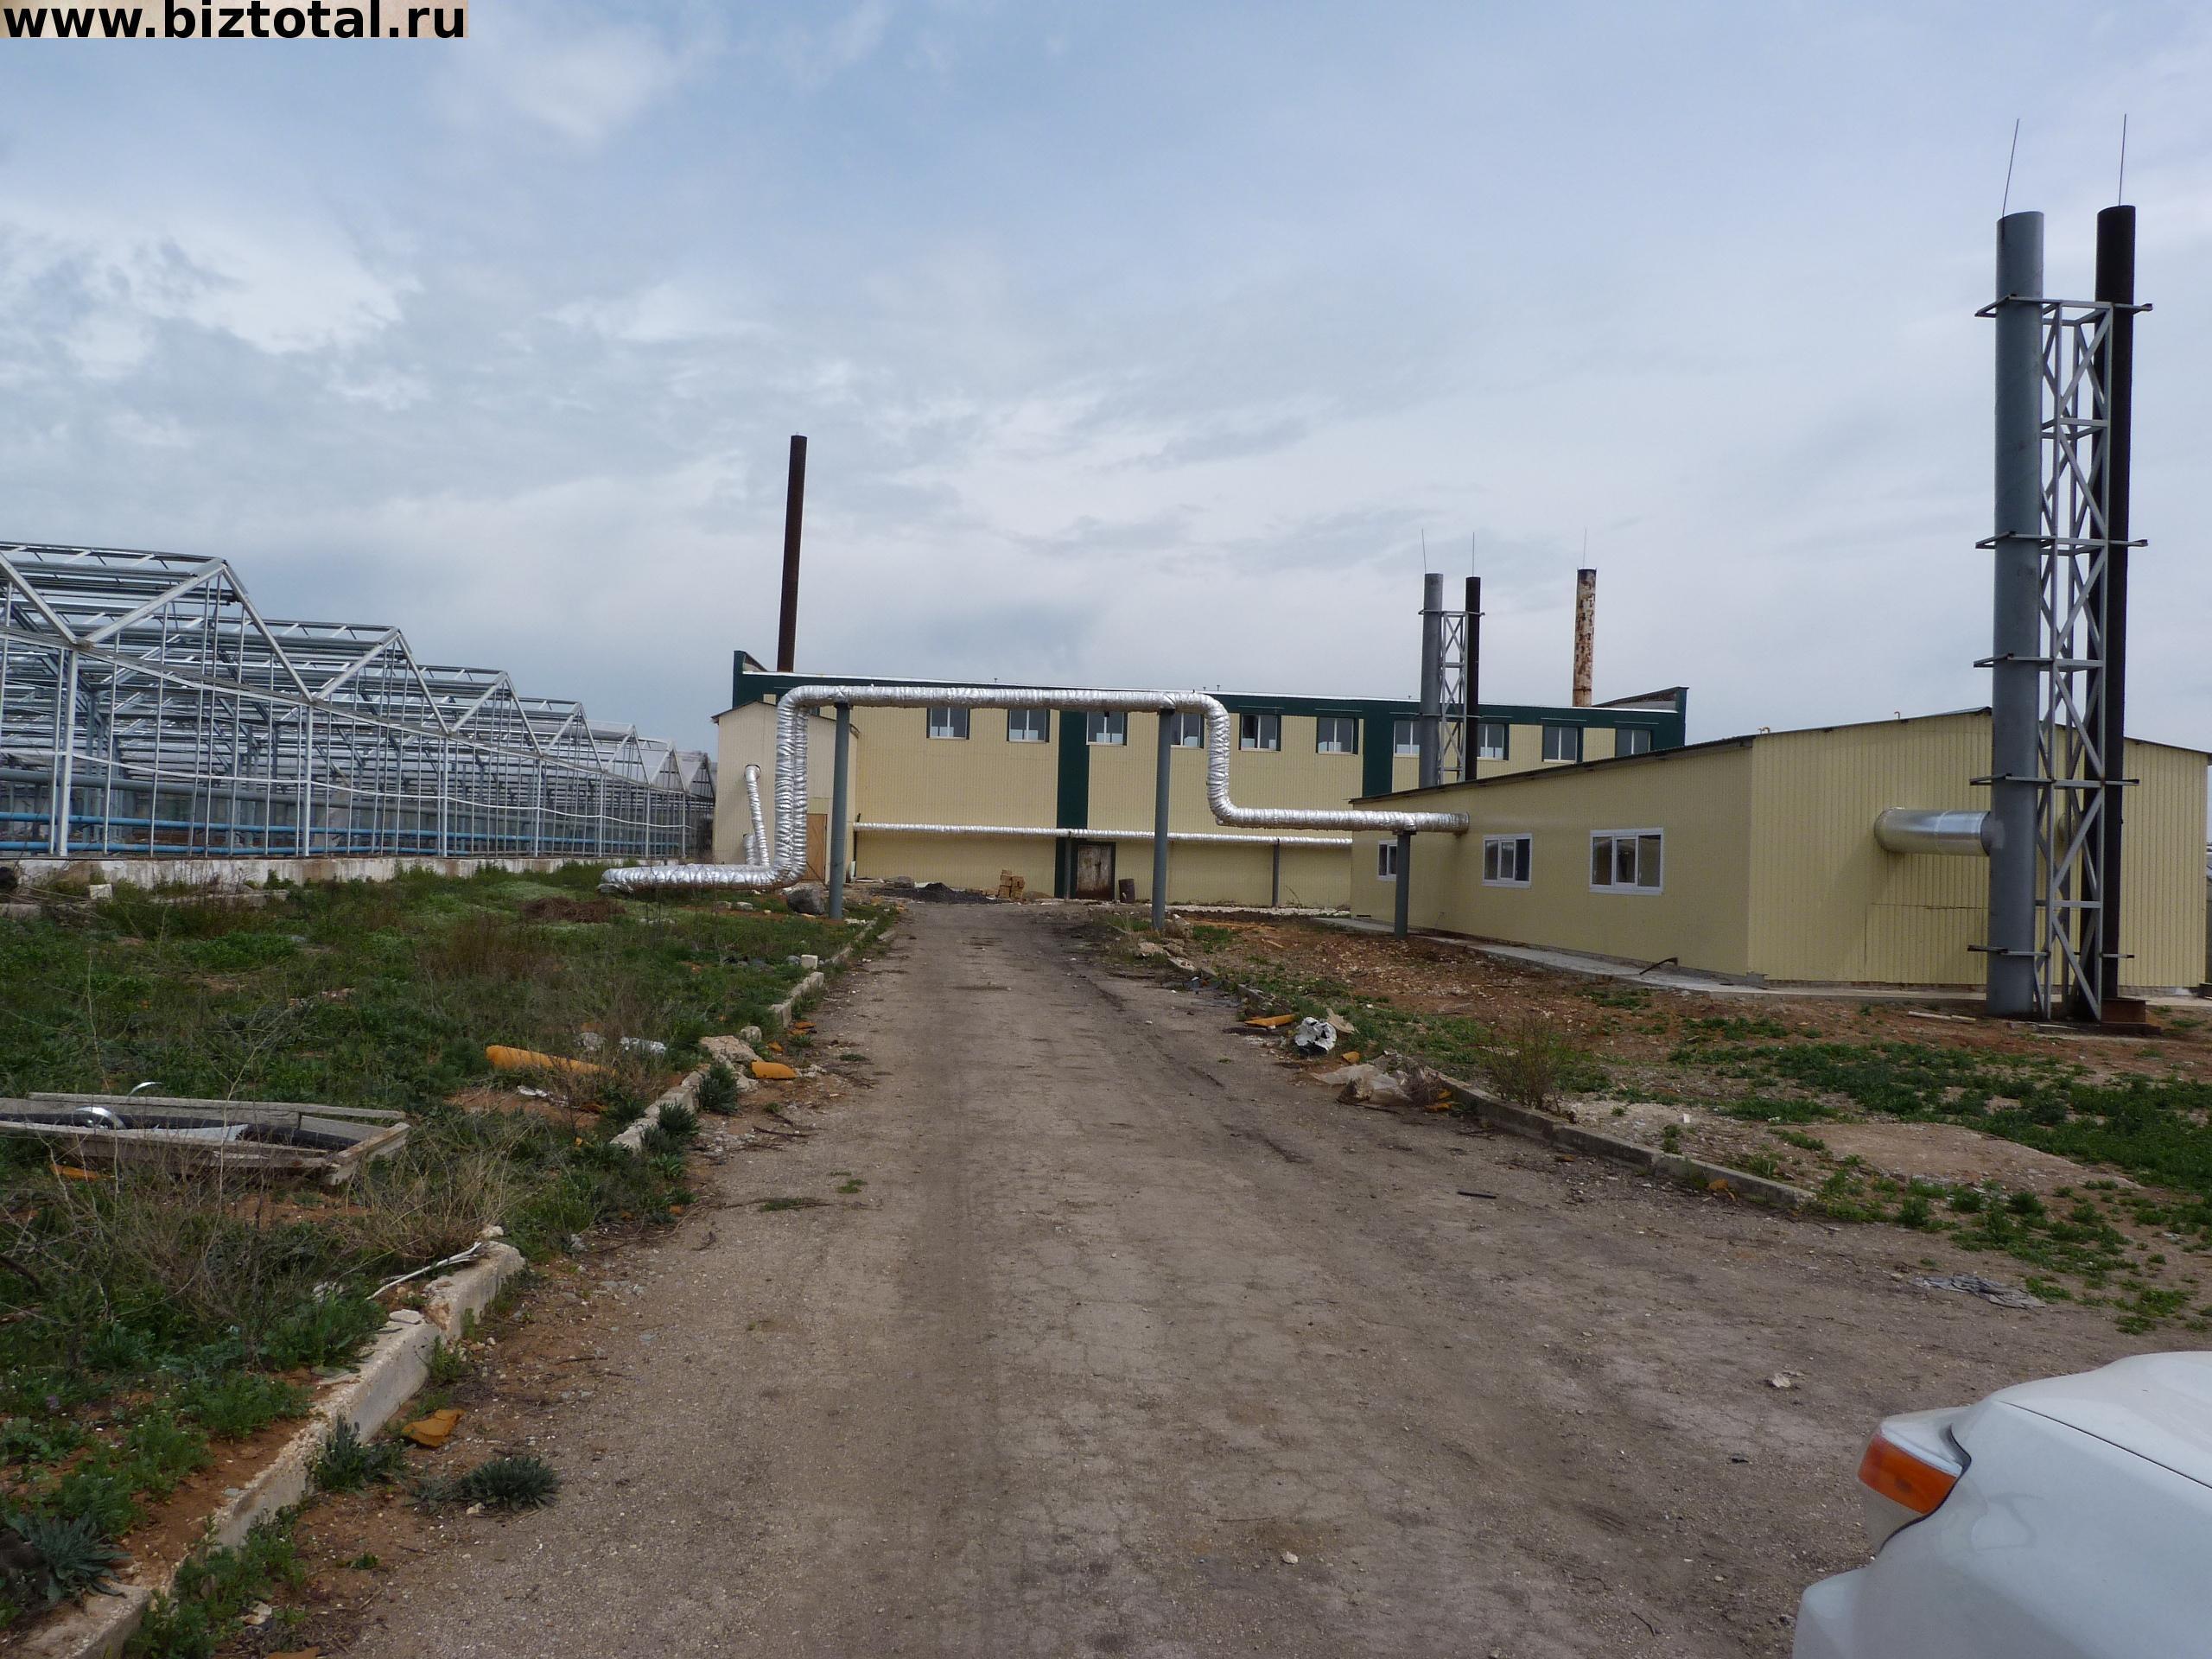 Административно бытовой комплекс и подготовленный конструктив, промышленных теплиц